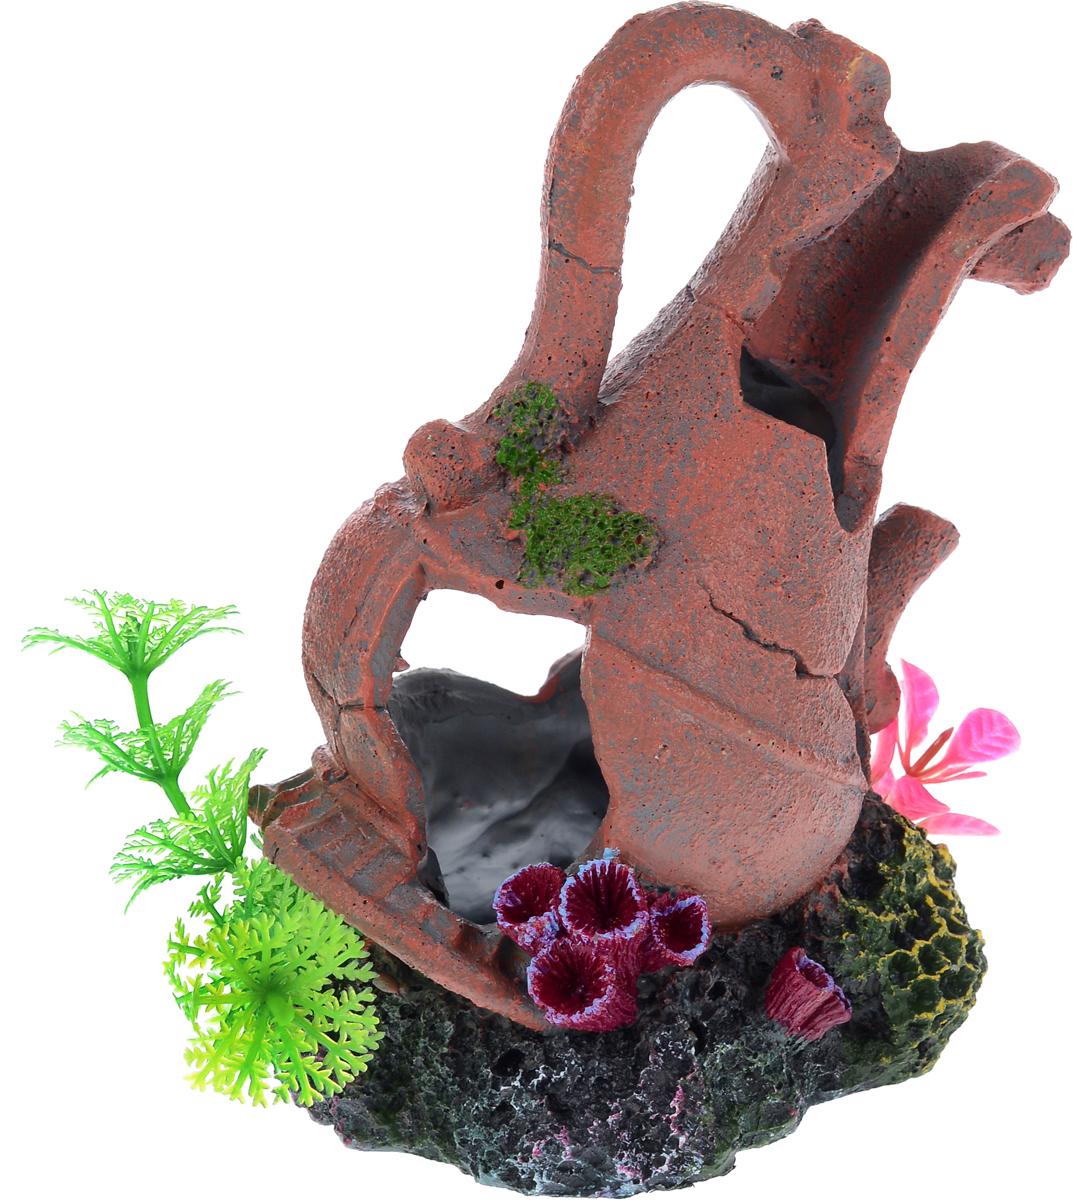 Декорация для аквариума Barbus Амфора, 15 х 11 х 16 см